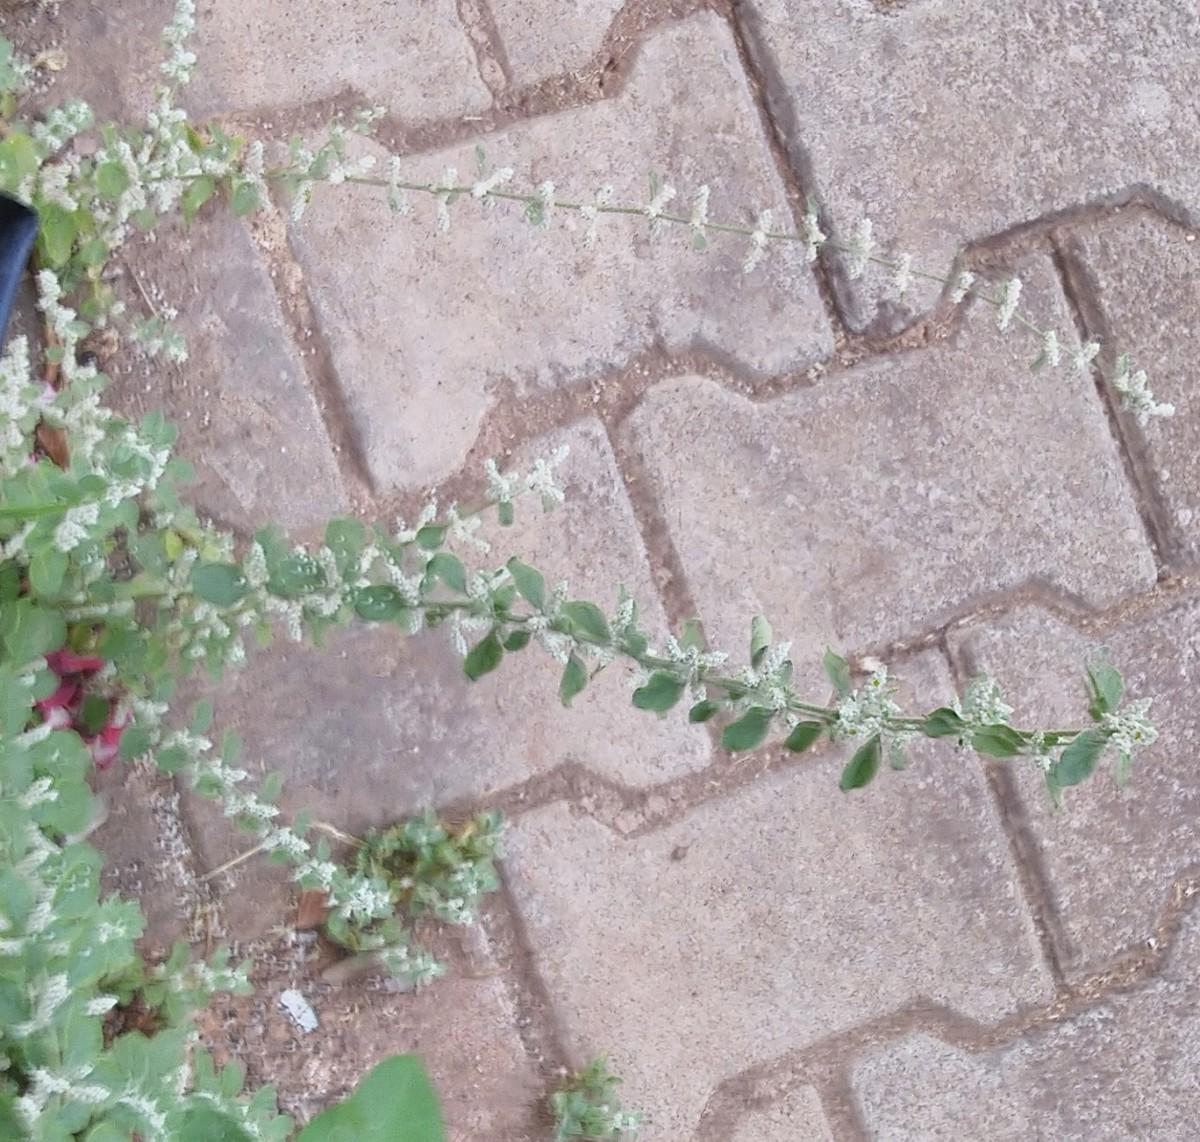 Mountain Knot-grass plant (Aerva lanata)